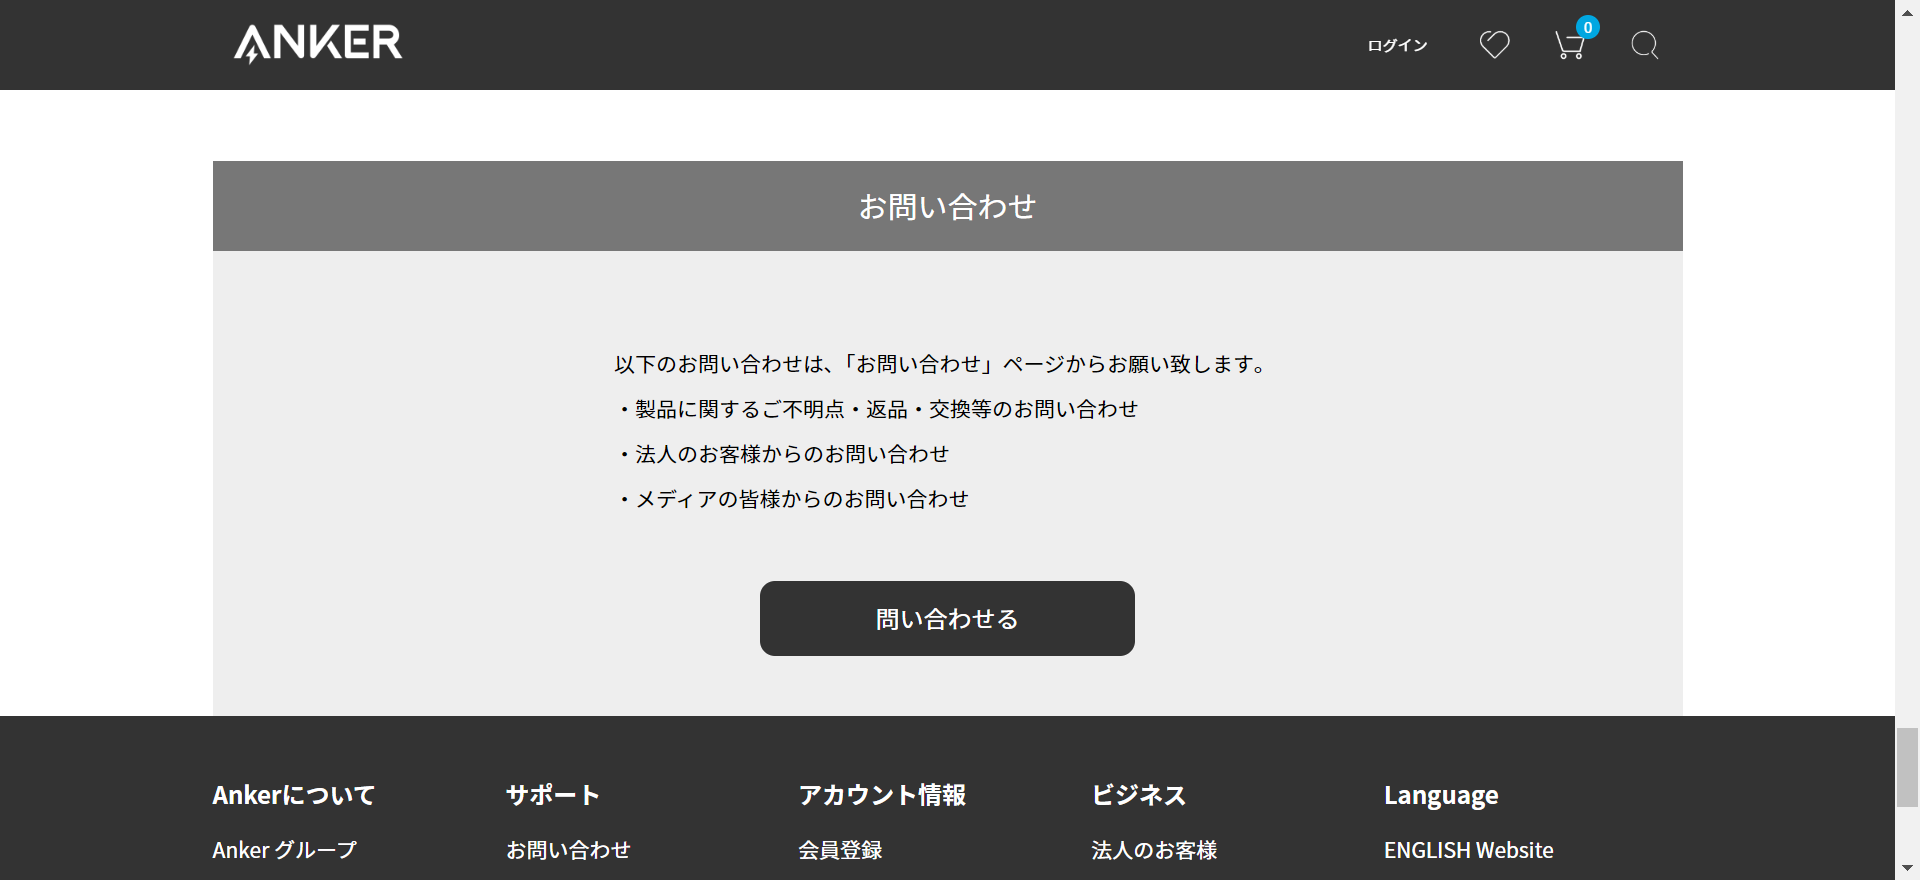 Anker公式サイト